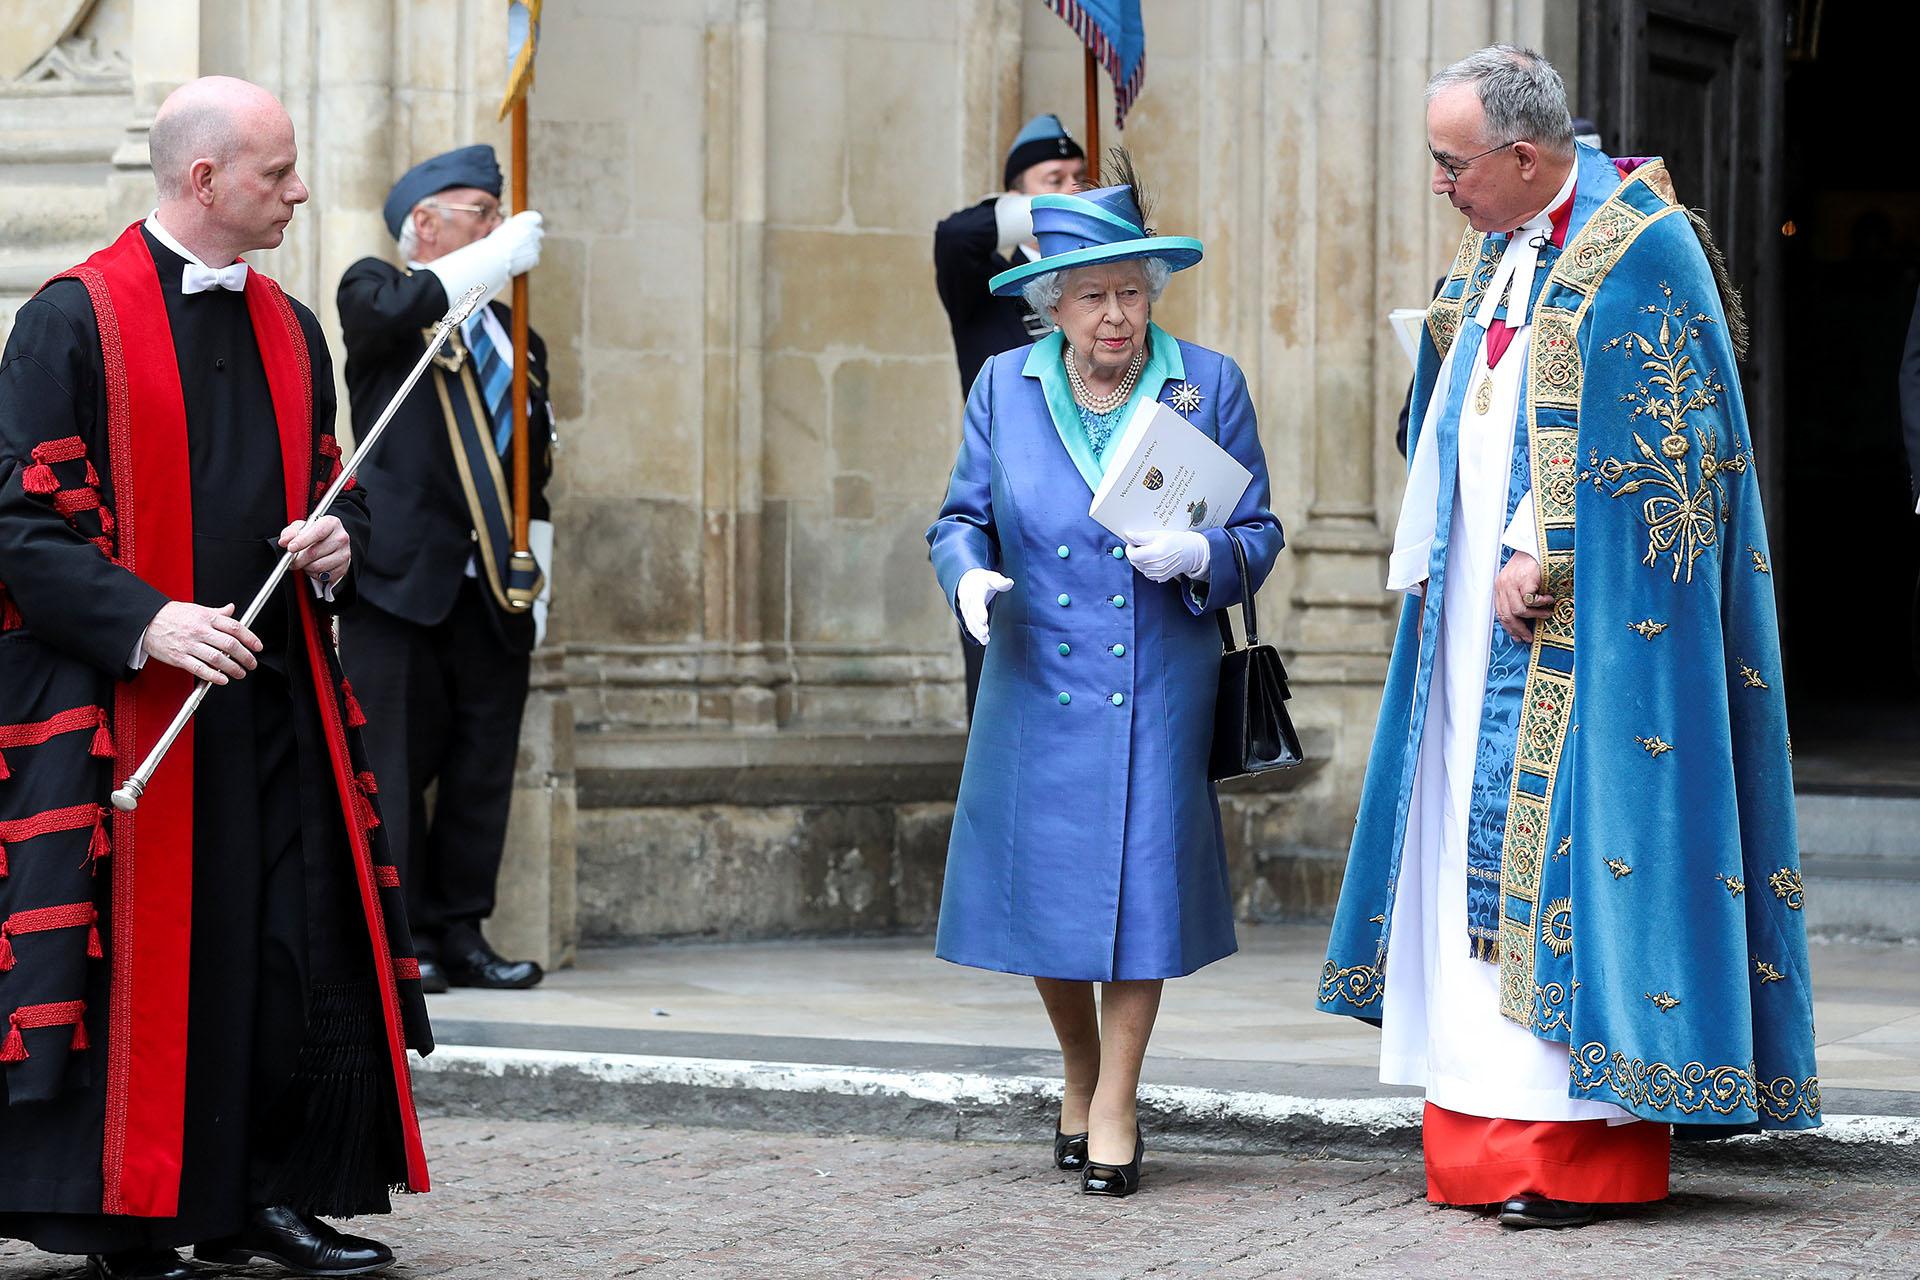 La reina Isabel II en la Abadía de Westminster, donde tuvo lugar un servicio religioso por el centenario de la Fuerza Aérea Real